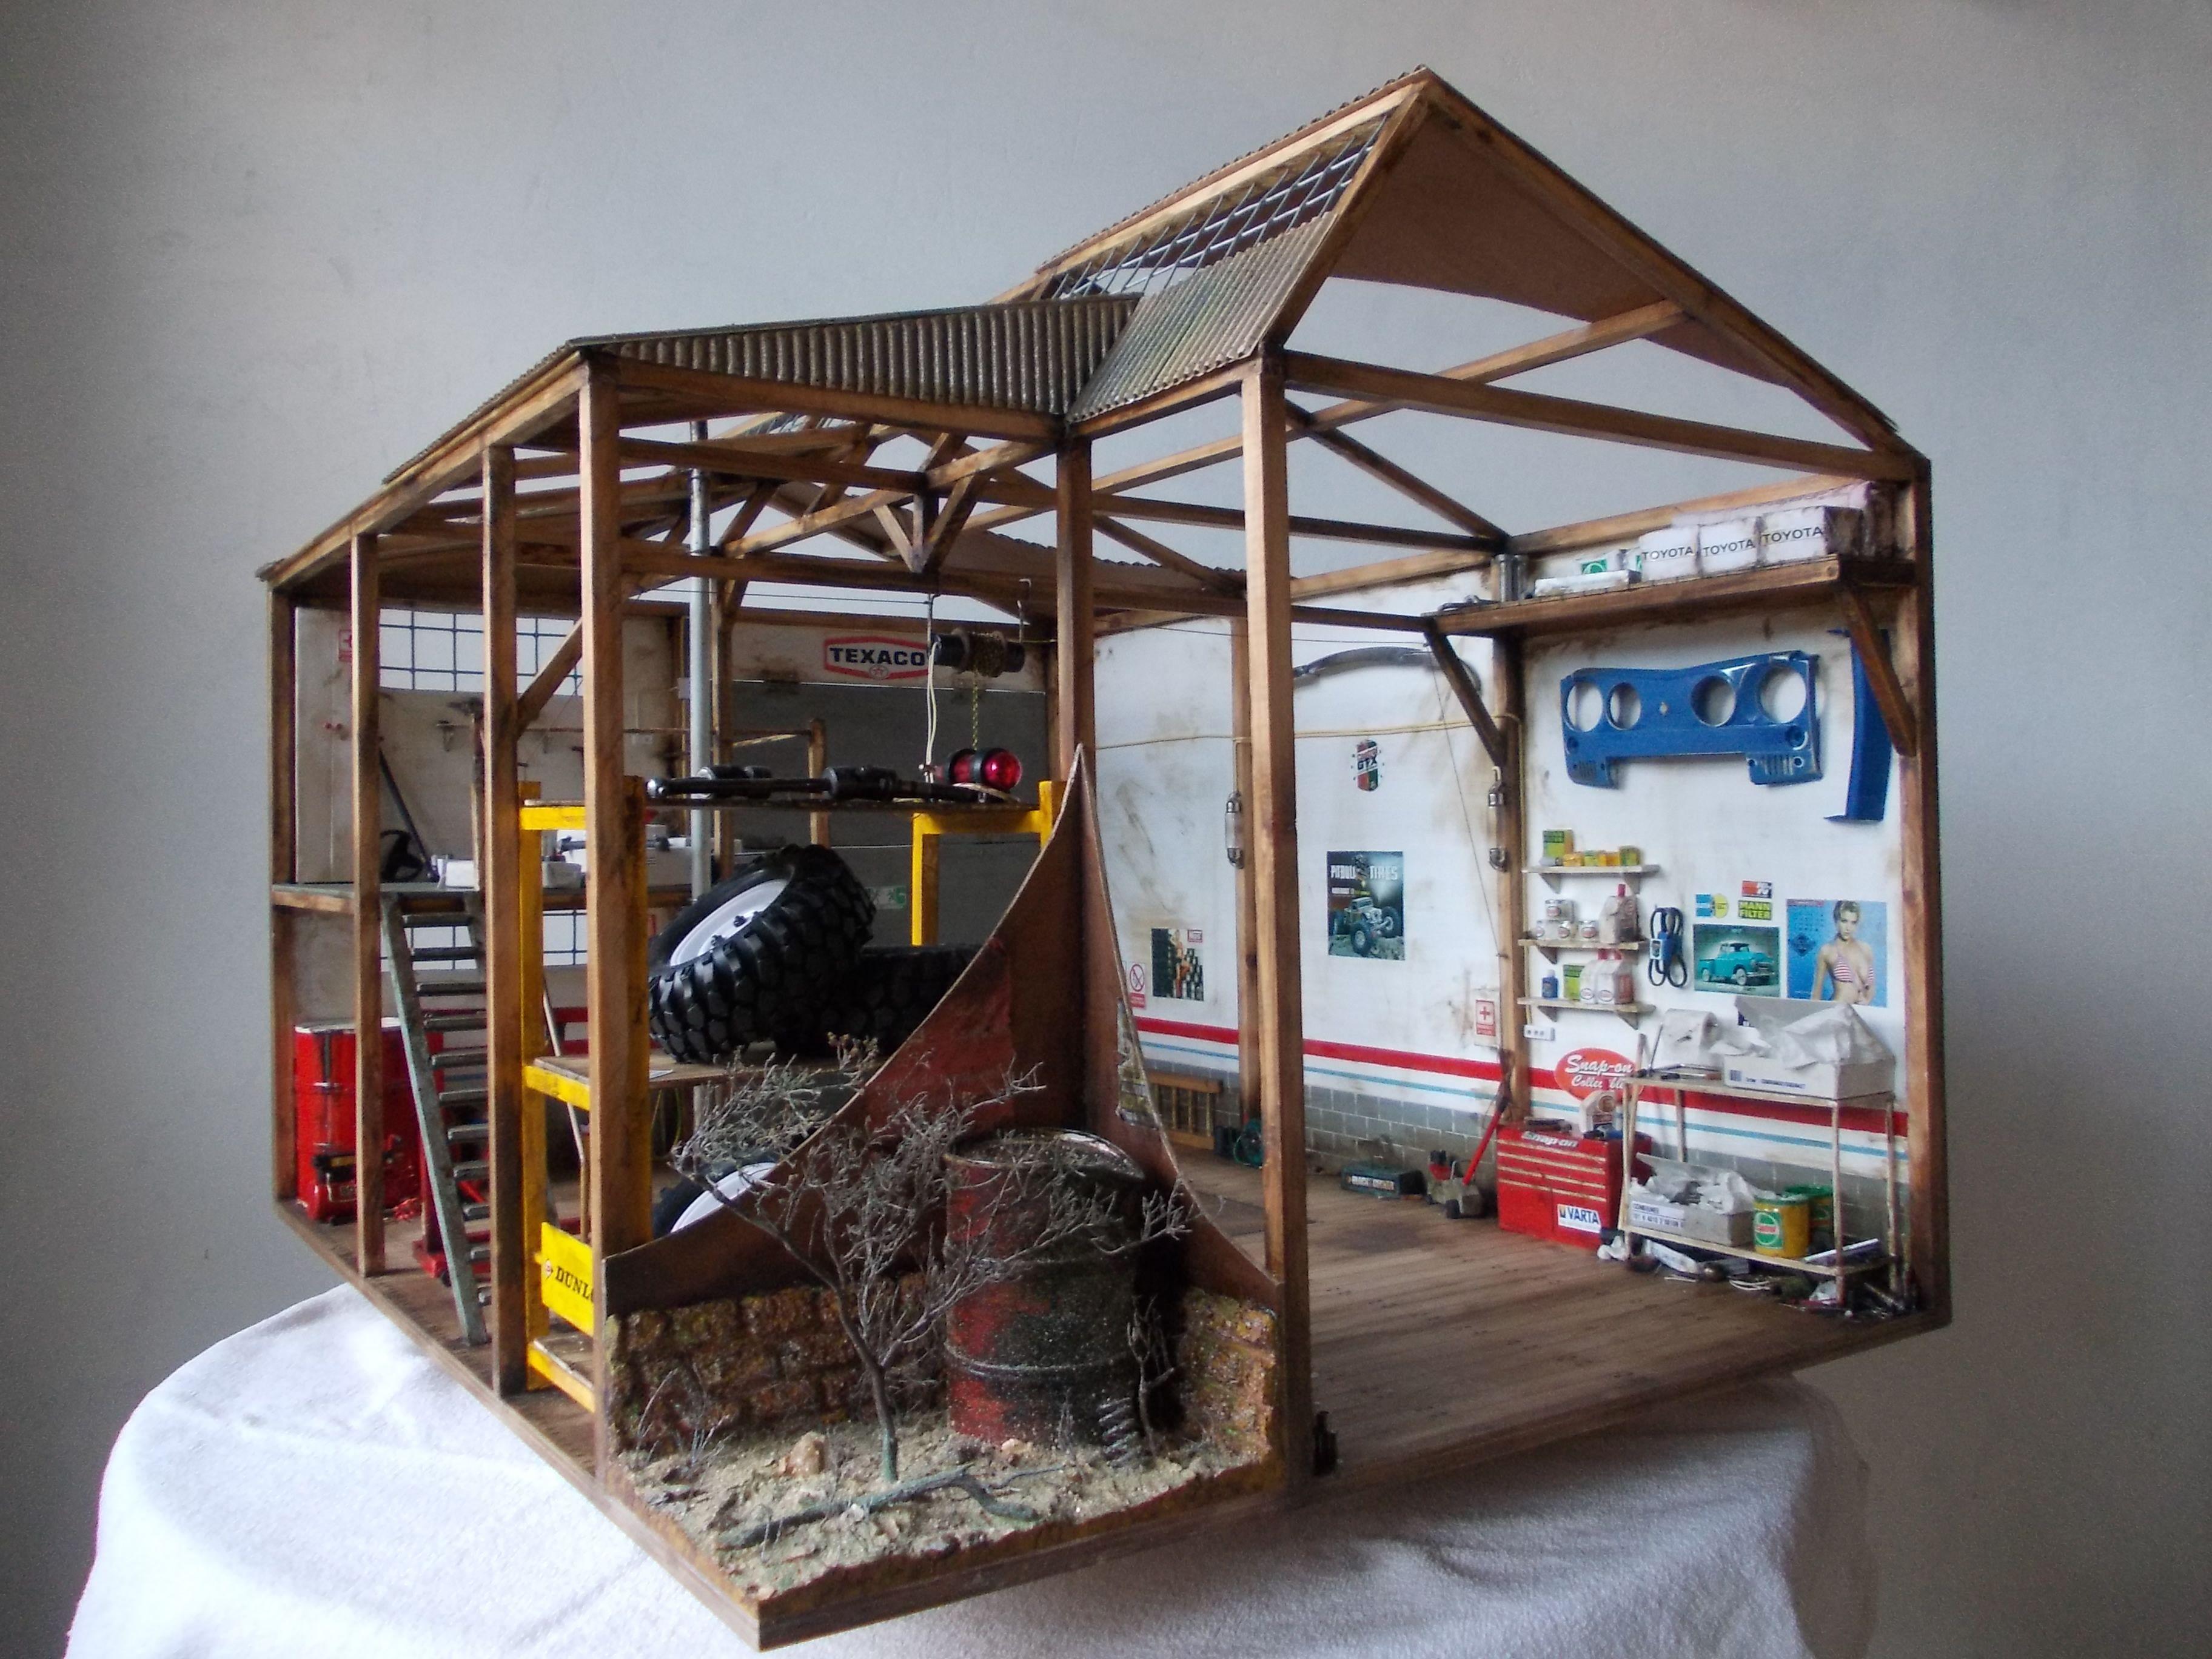 Pin de pedro lozano en diorama garaje taller coches rc - Garaje de coches ...